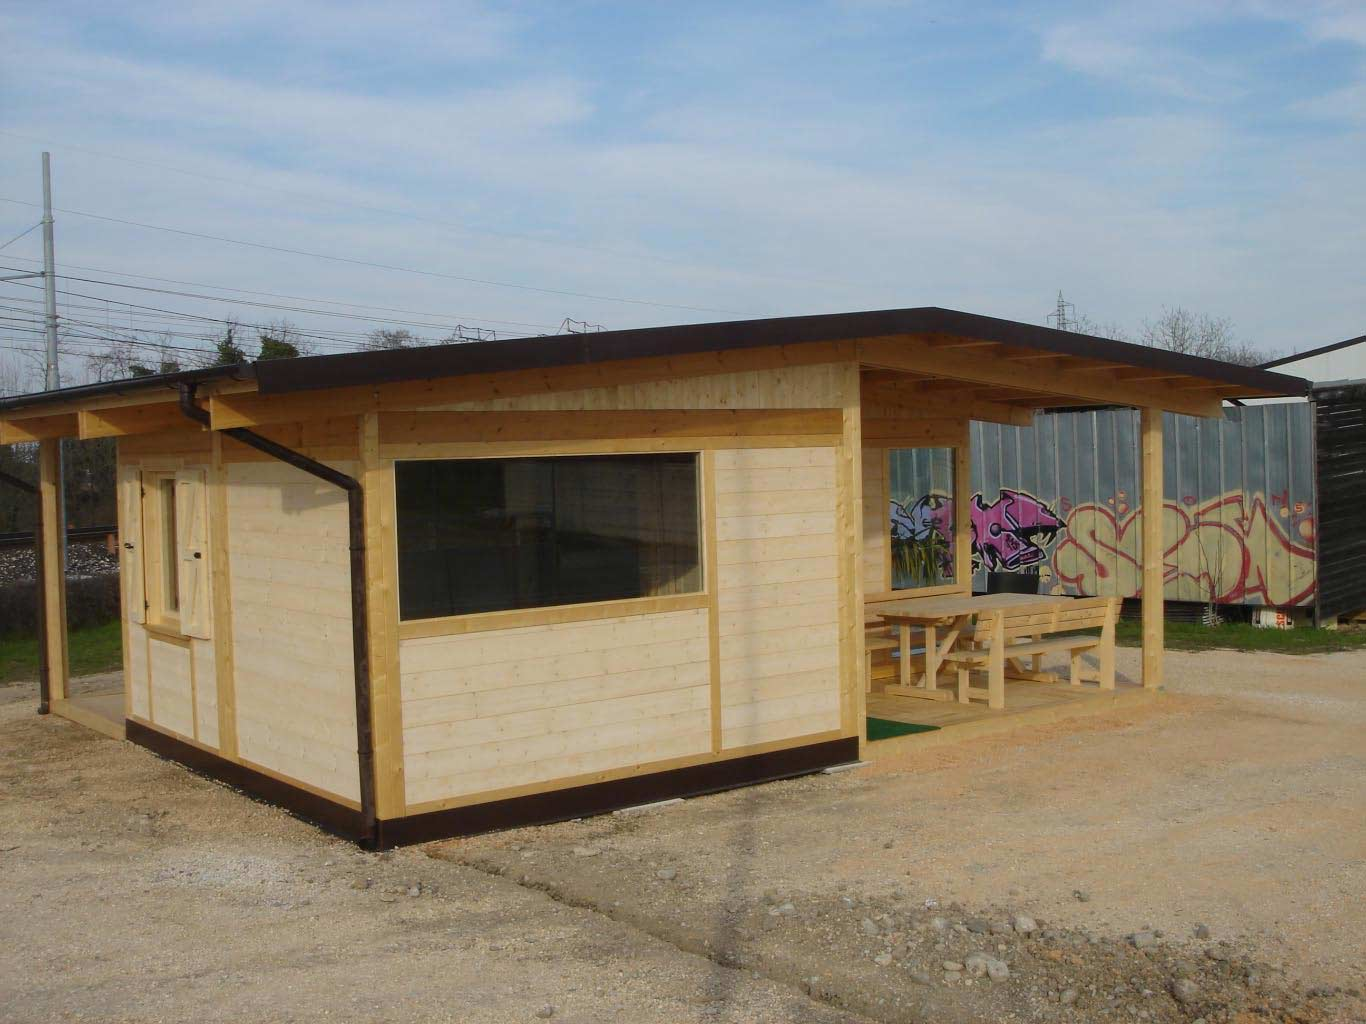 Case prefabbricate in legno efficienti idea creativa for Case in legno passive